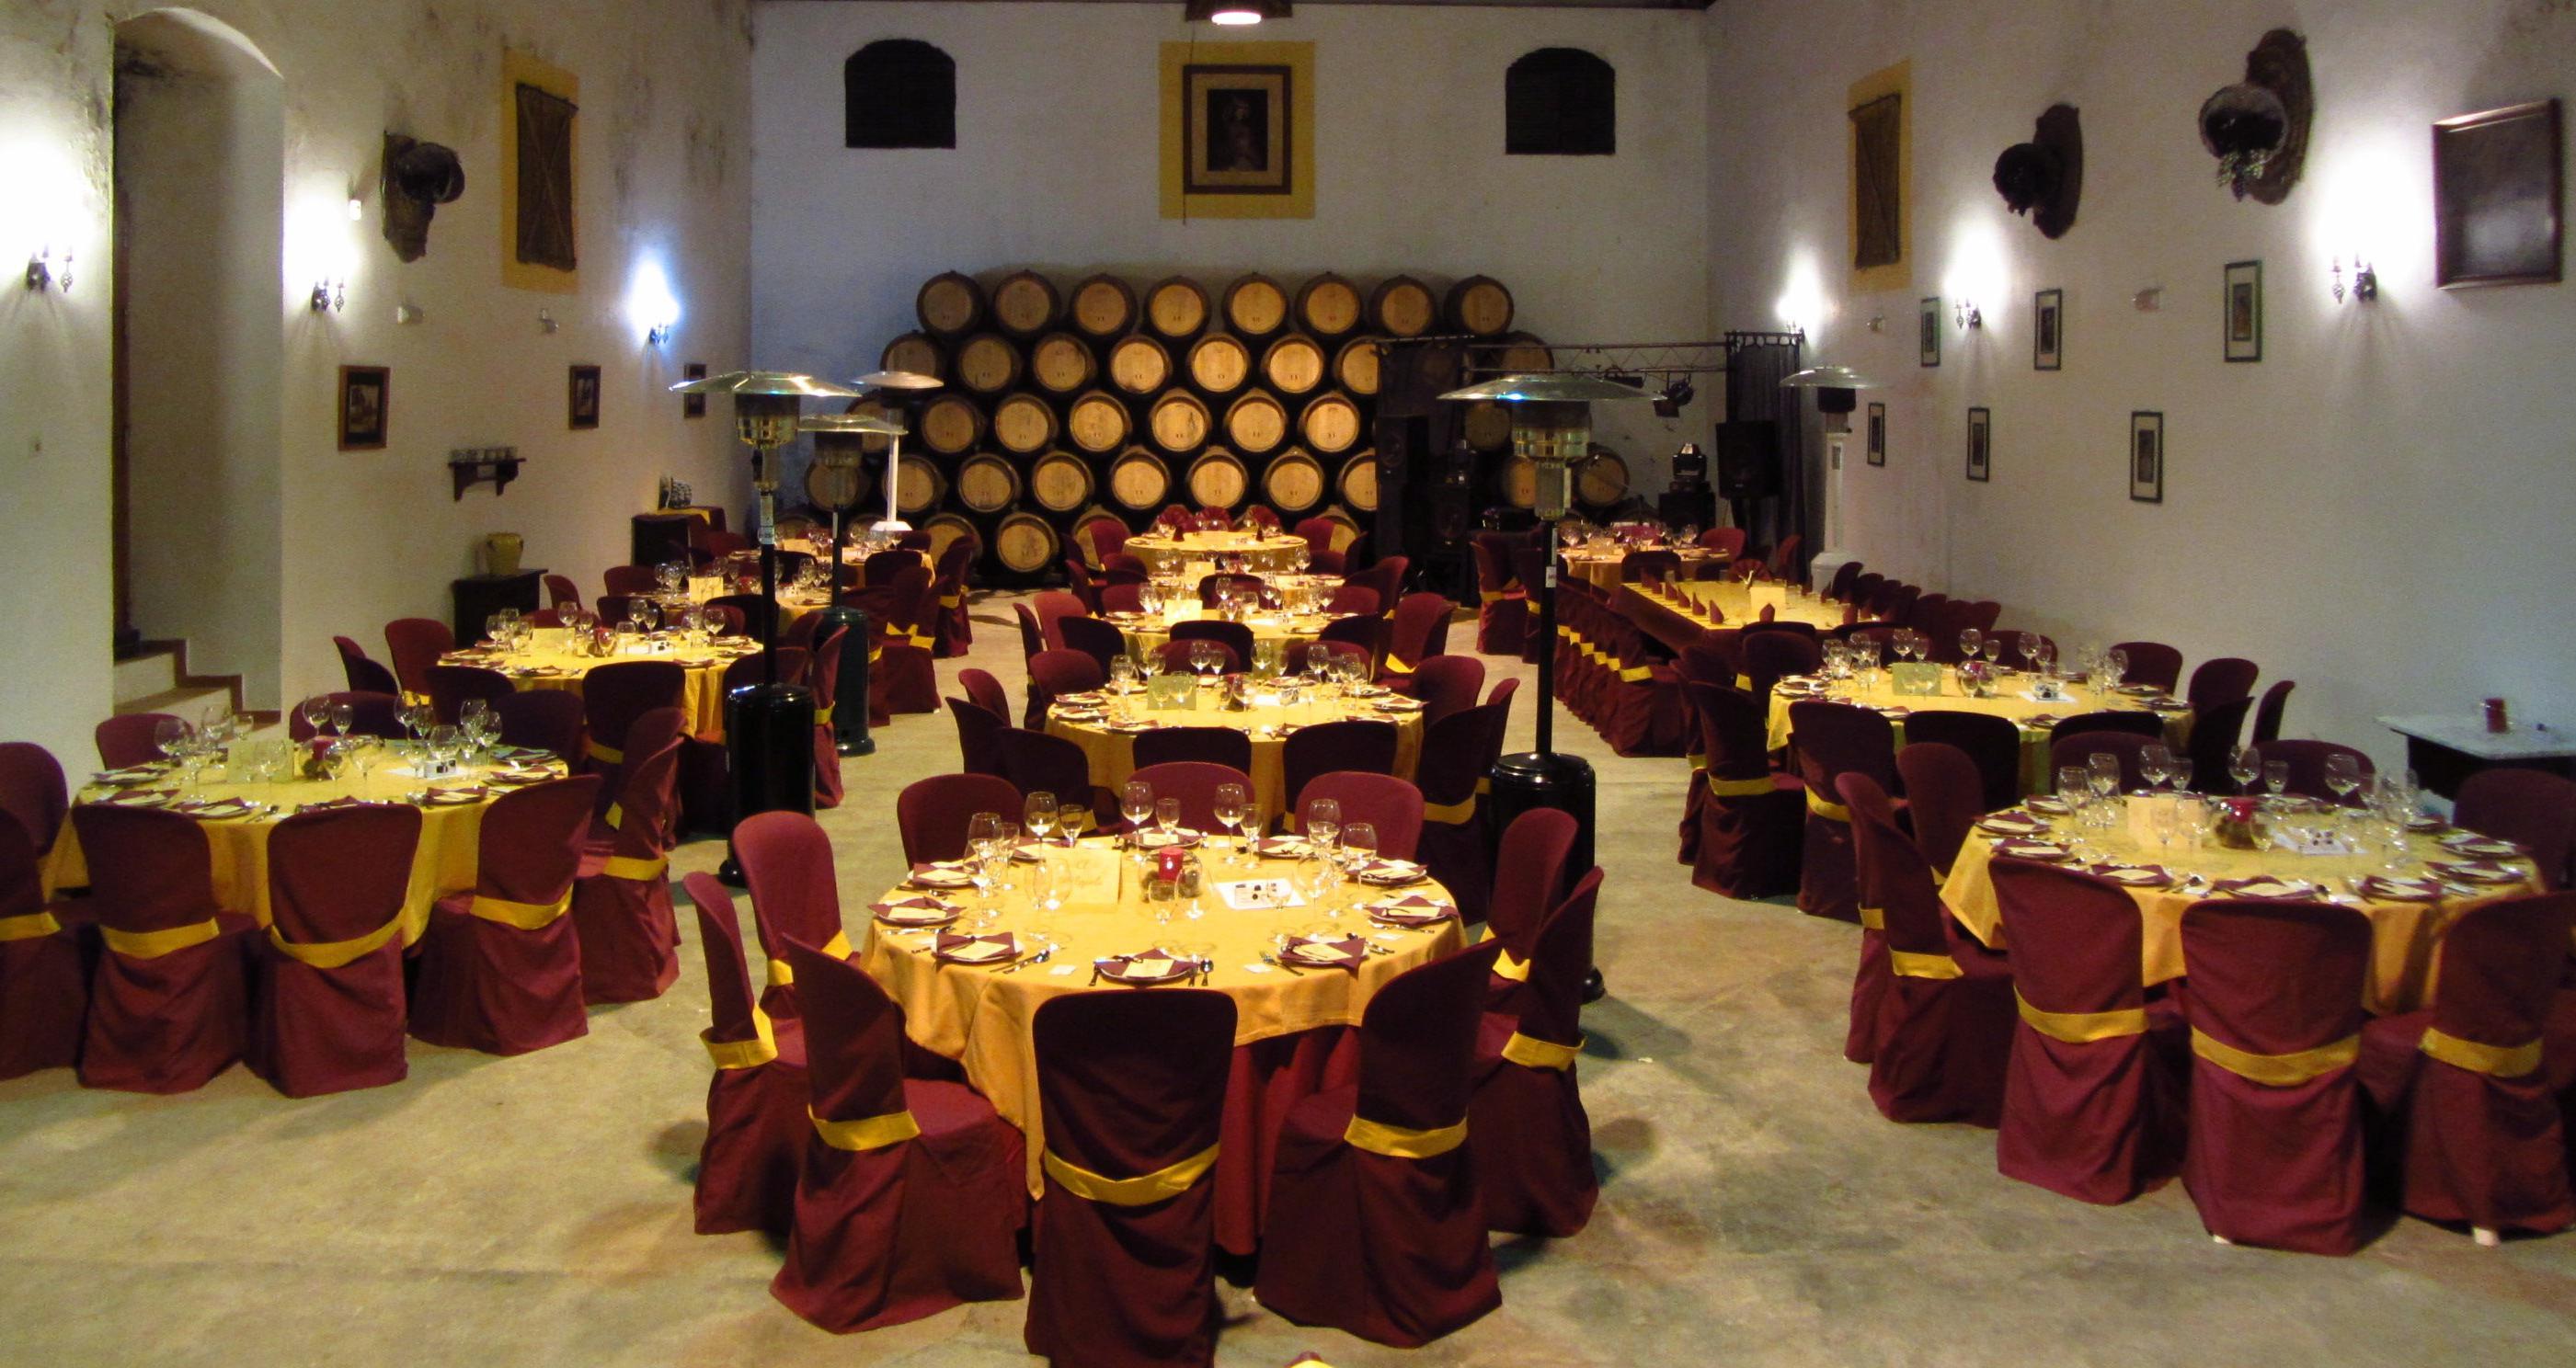 Foto 32 de Alquiler de sillas, mesas y menaje en Jerez de la Frontera | Jedal Alquileres